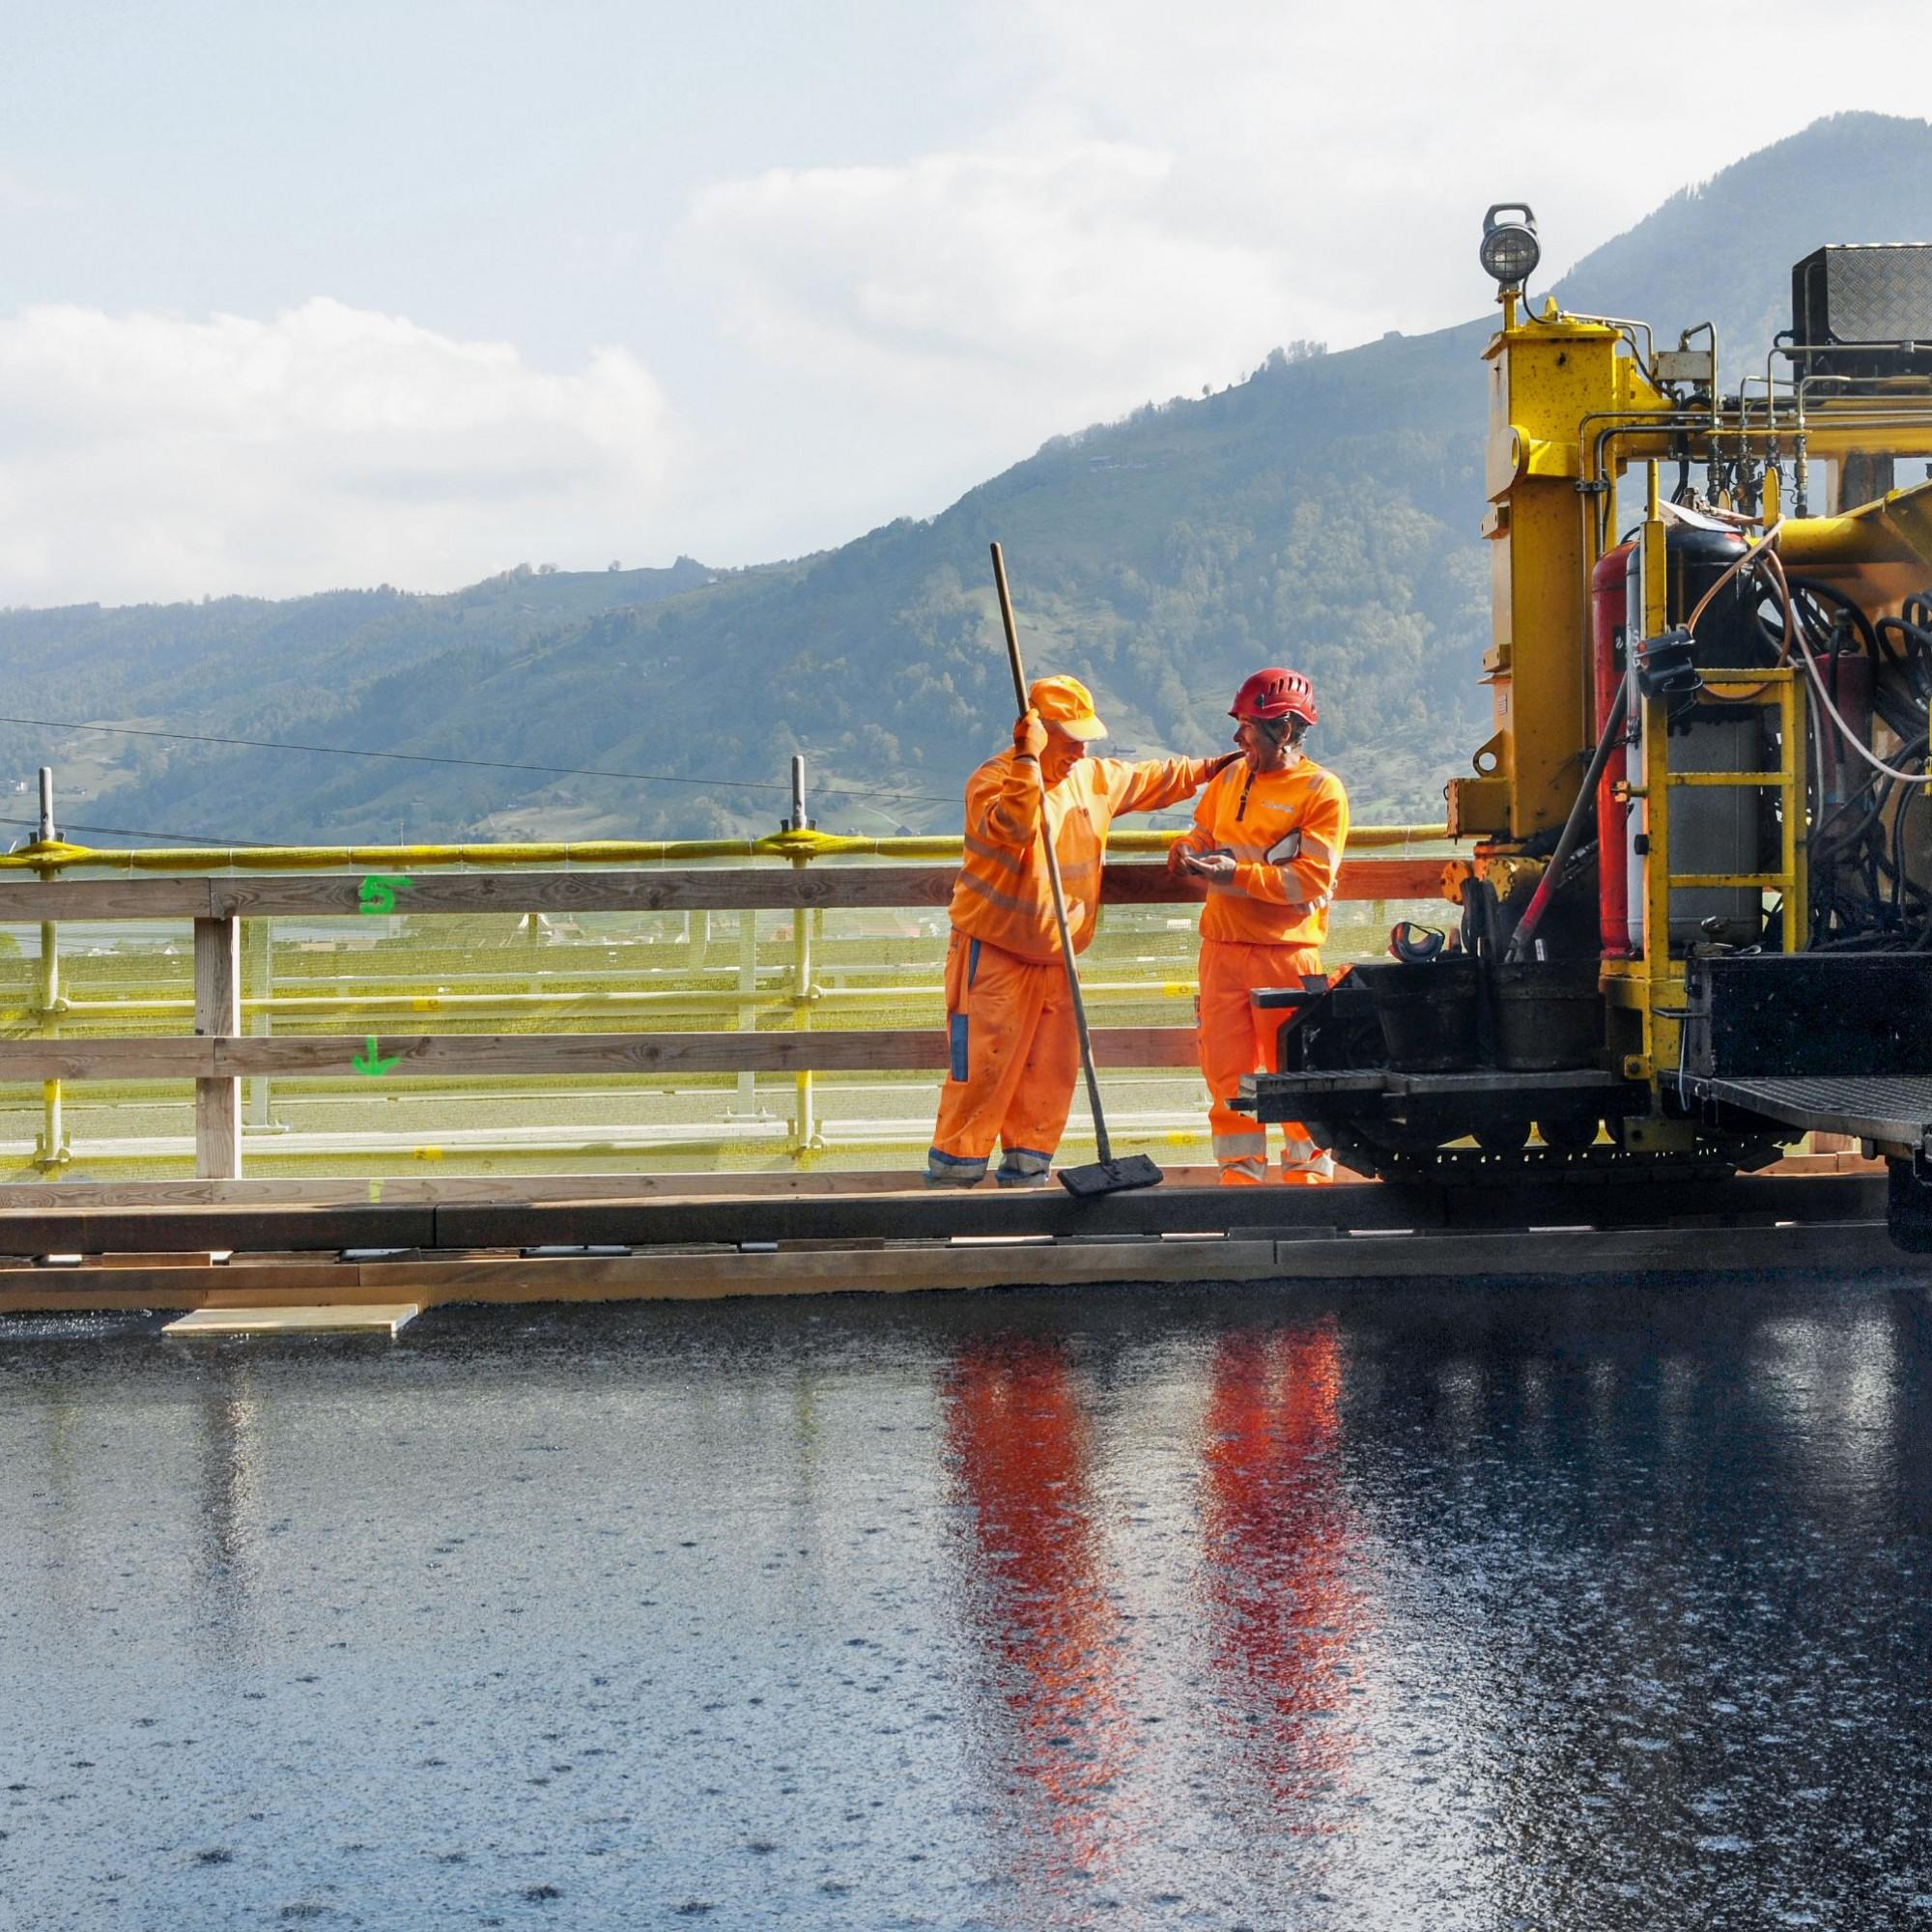 Asphaltieren auf der A4 bei bestem Sommerwetter und mit Blick auf den Zugersee: In der Schweiz sind die Schönwetterphasen für eine herkömmliche Brückensanierungen eigentlich viel zu kurz.